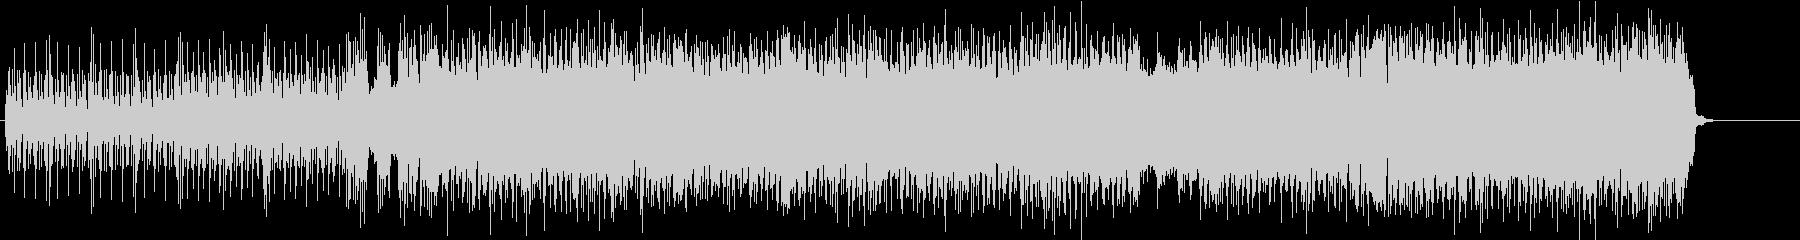 シャッフルするラフなブルース・ロックの未再生の波形